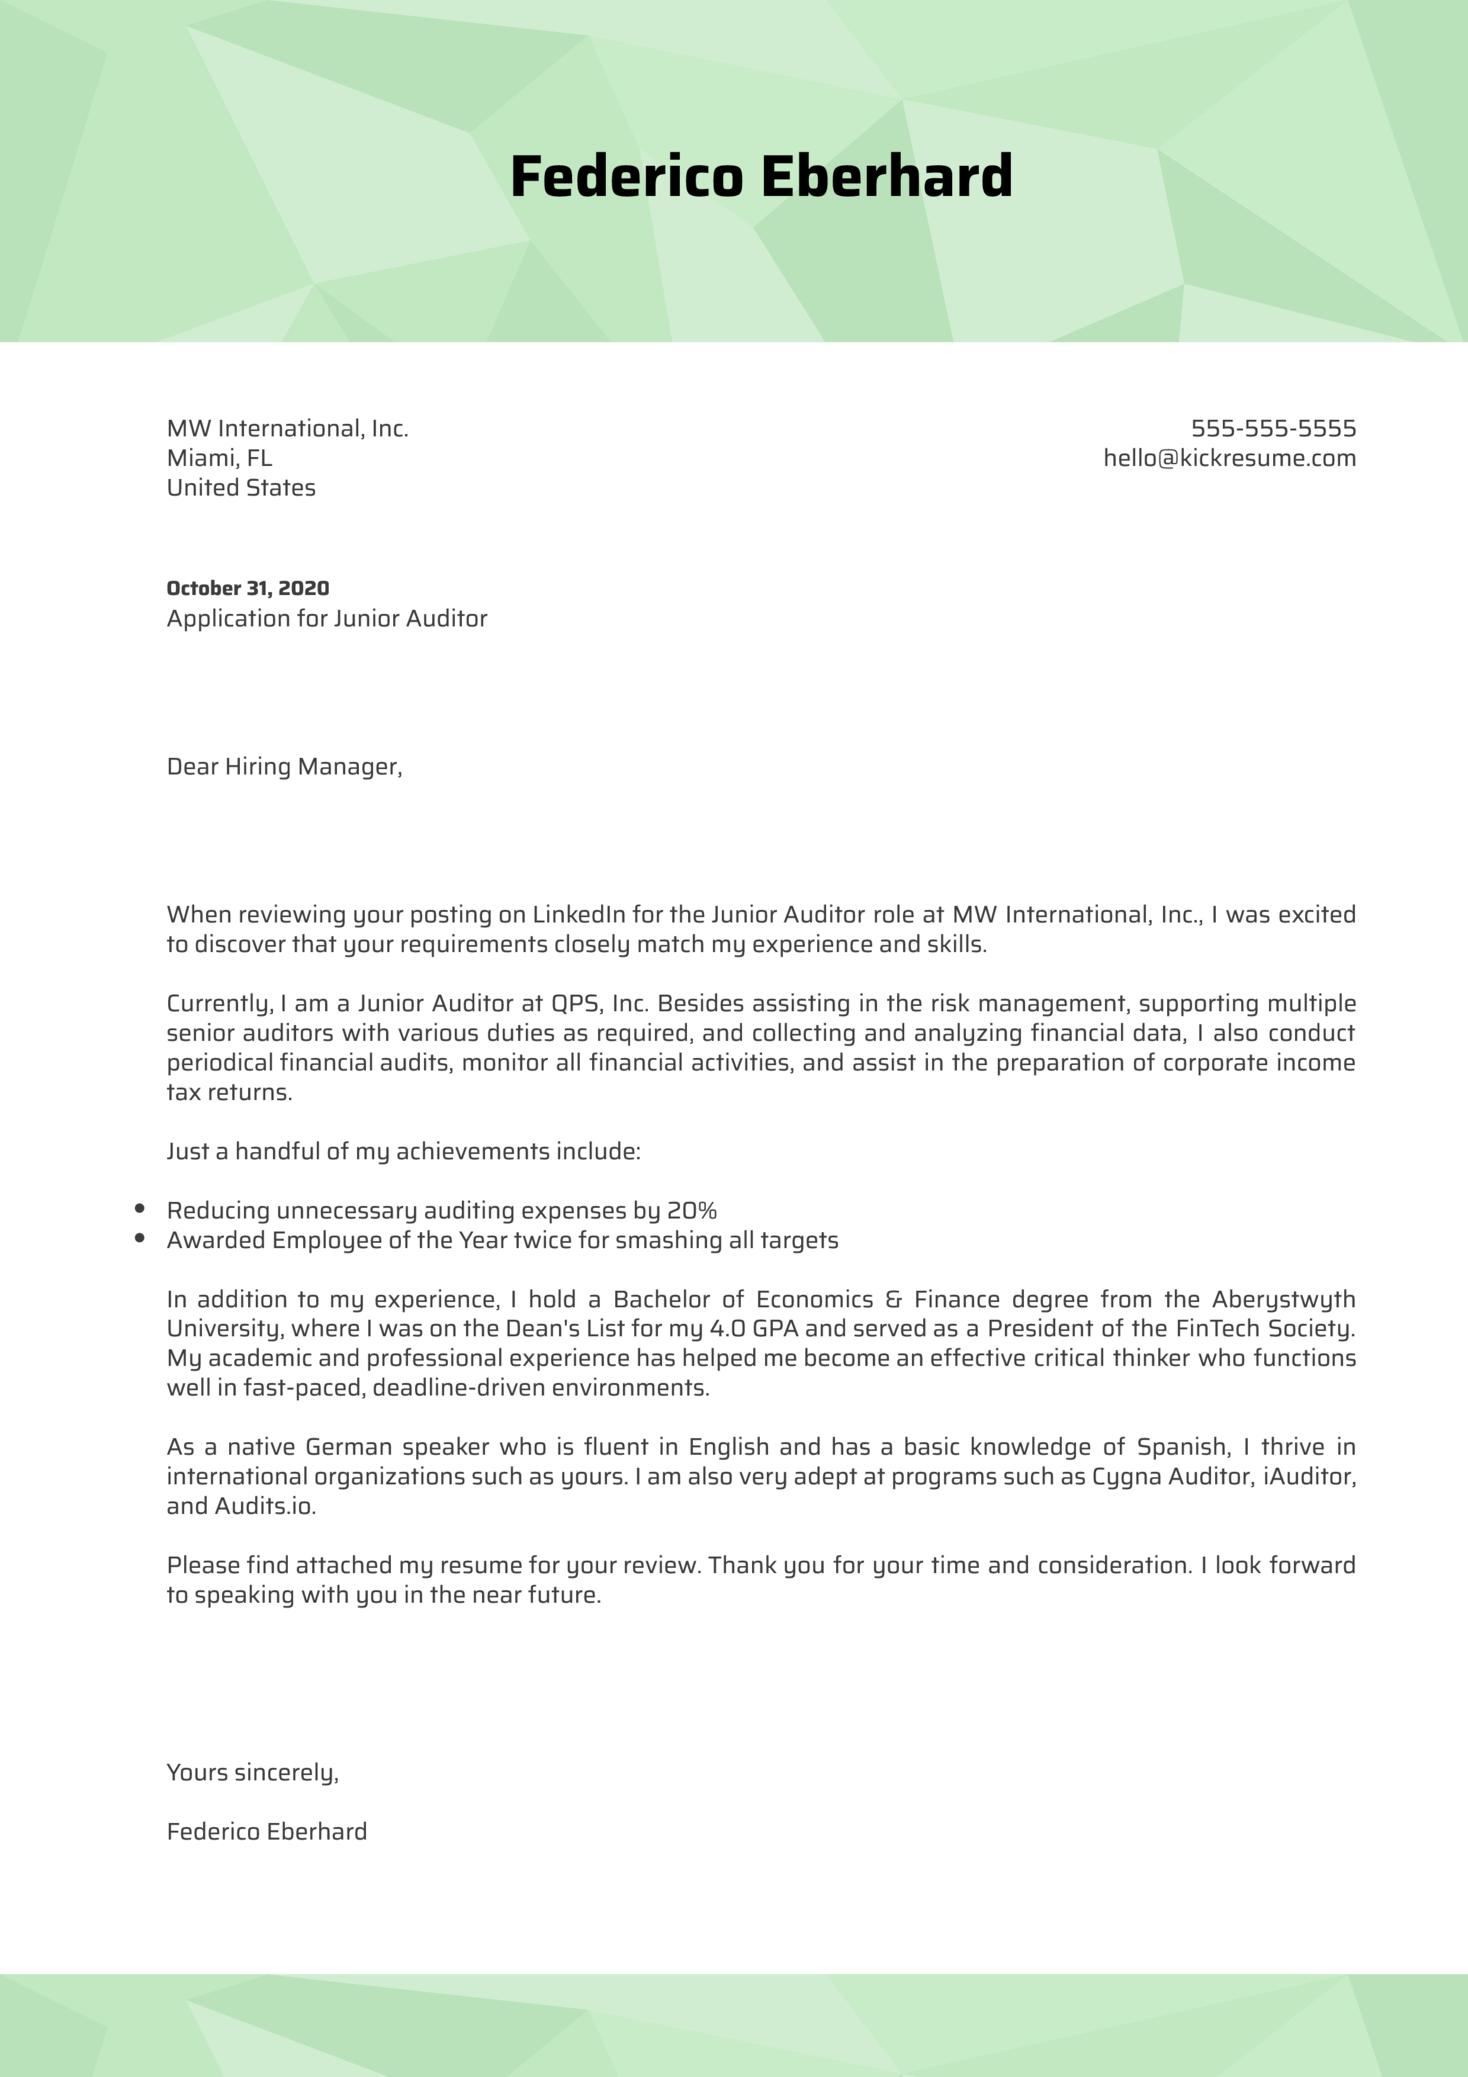 Junior Auditor Cover Letter Sample